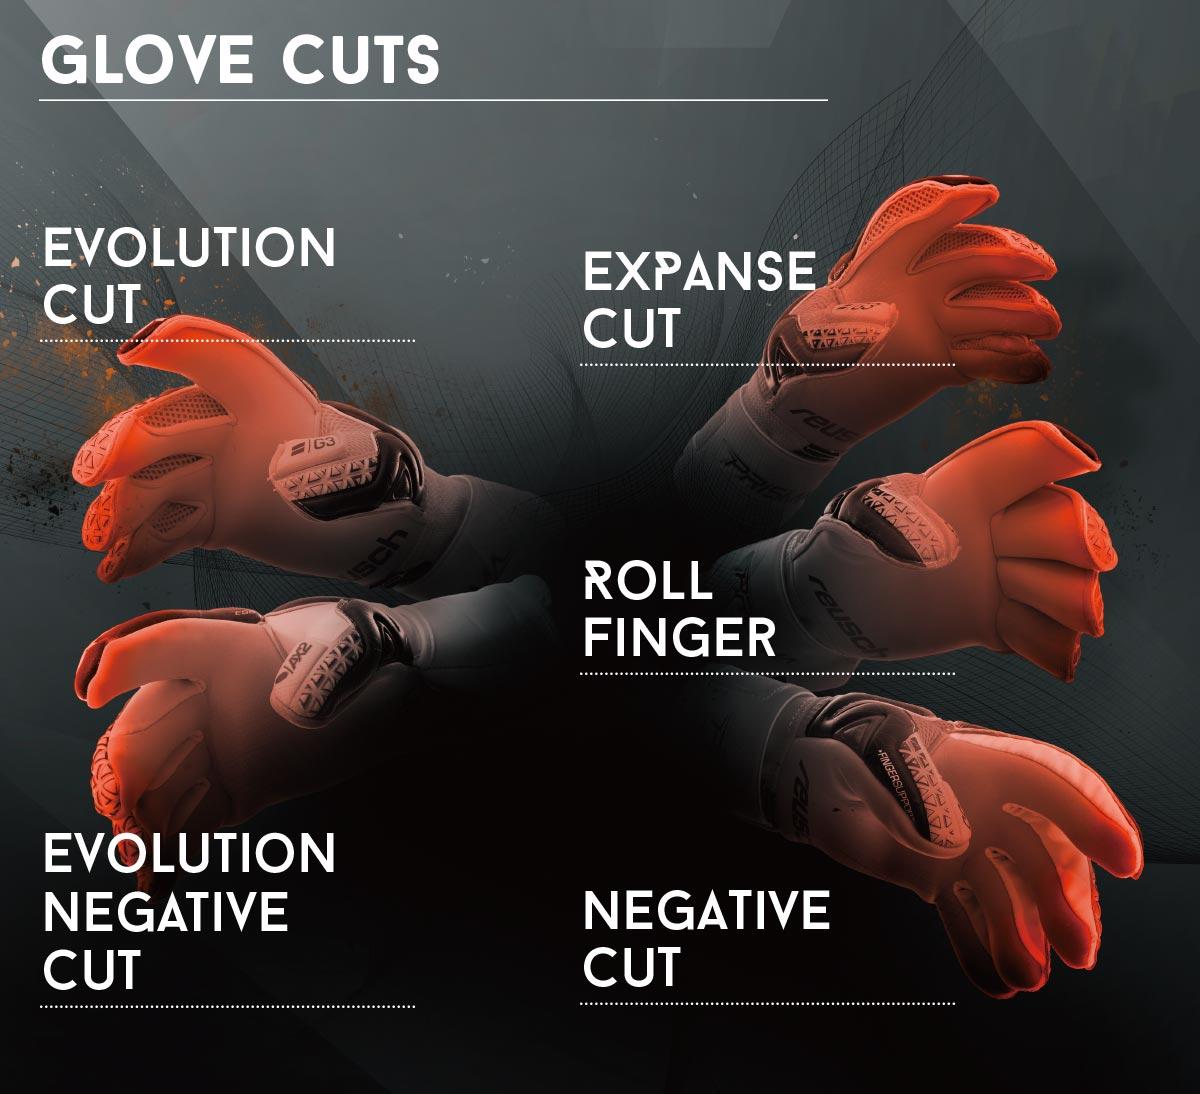 GLOVE CUTES